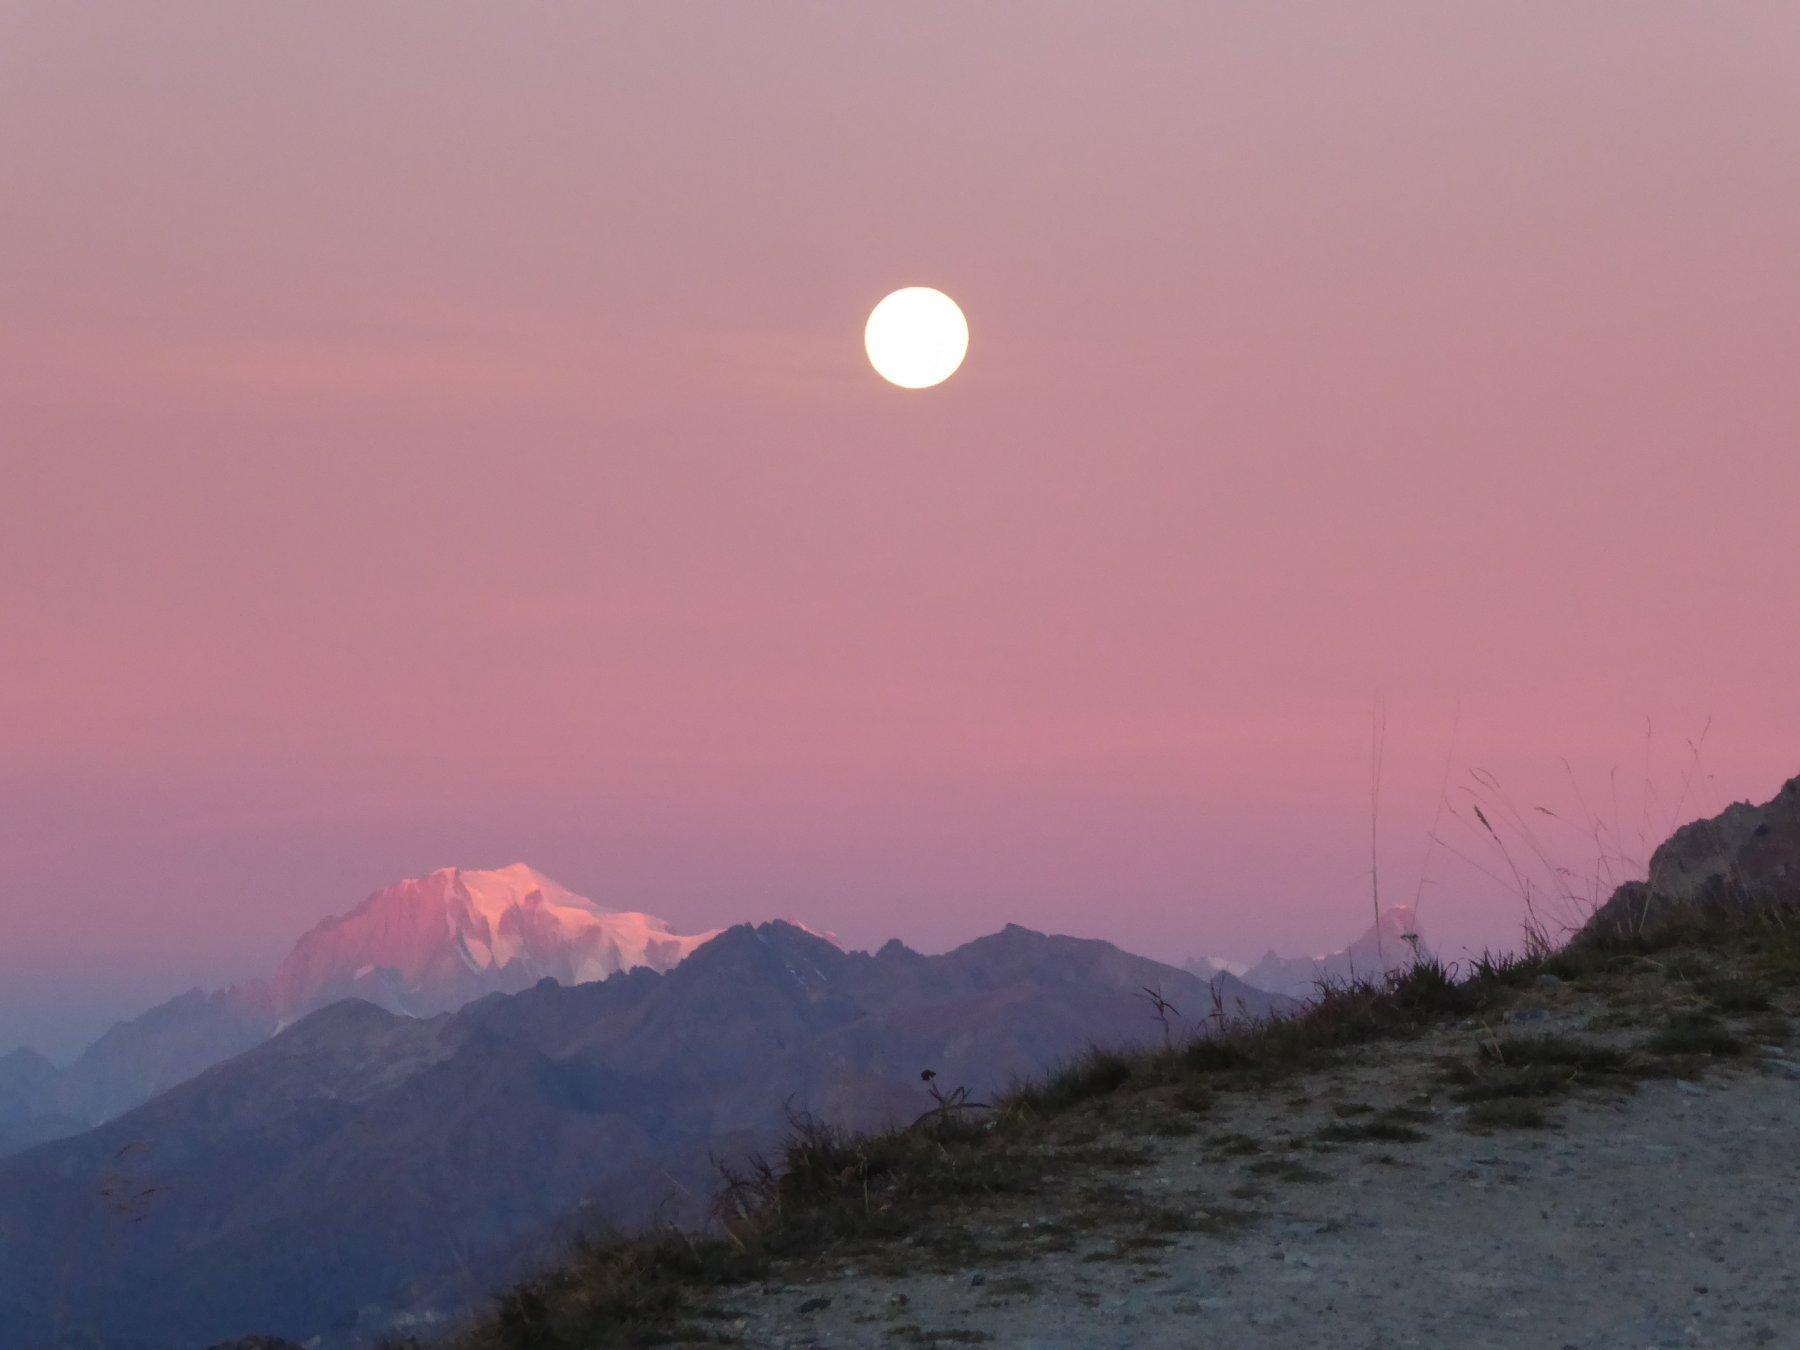 il Bianco con la luna piena salendo, all'alba di una fantastica giornata